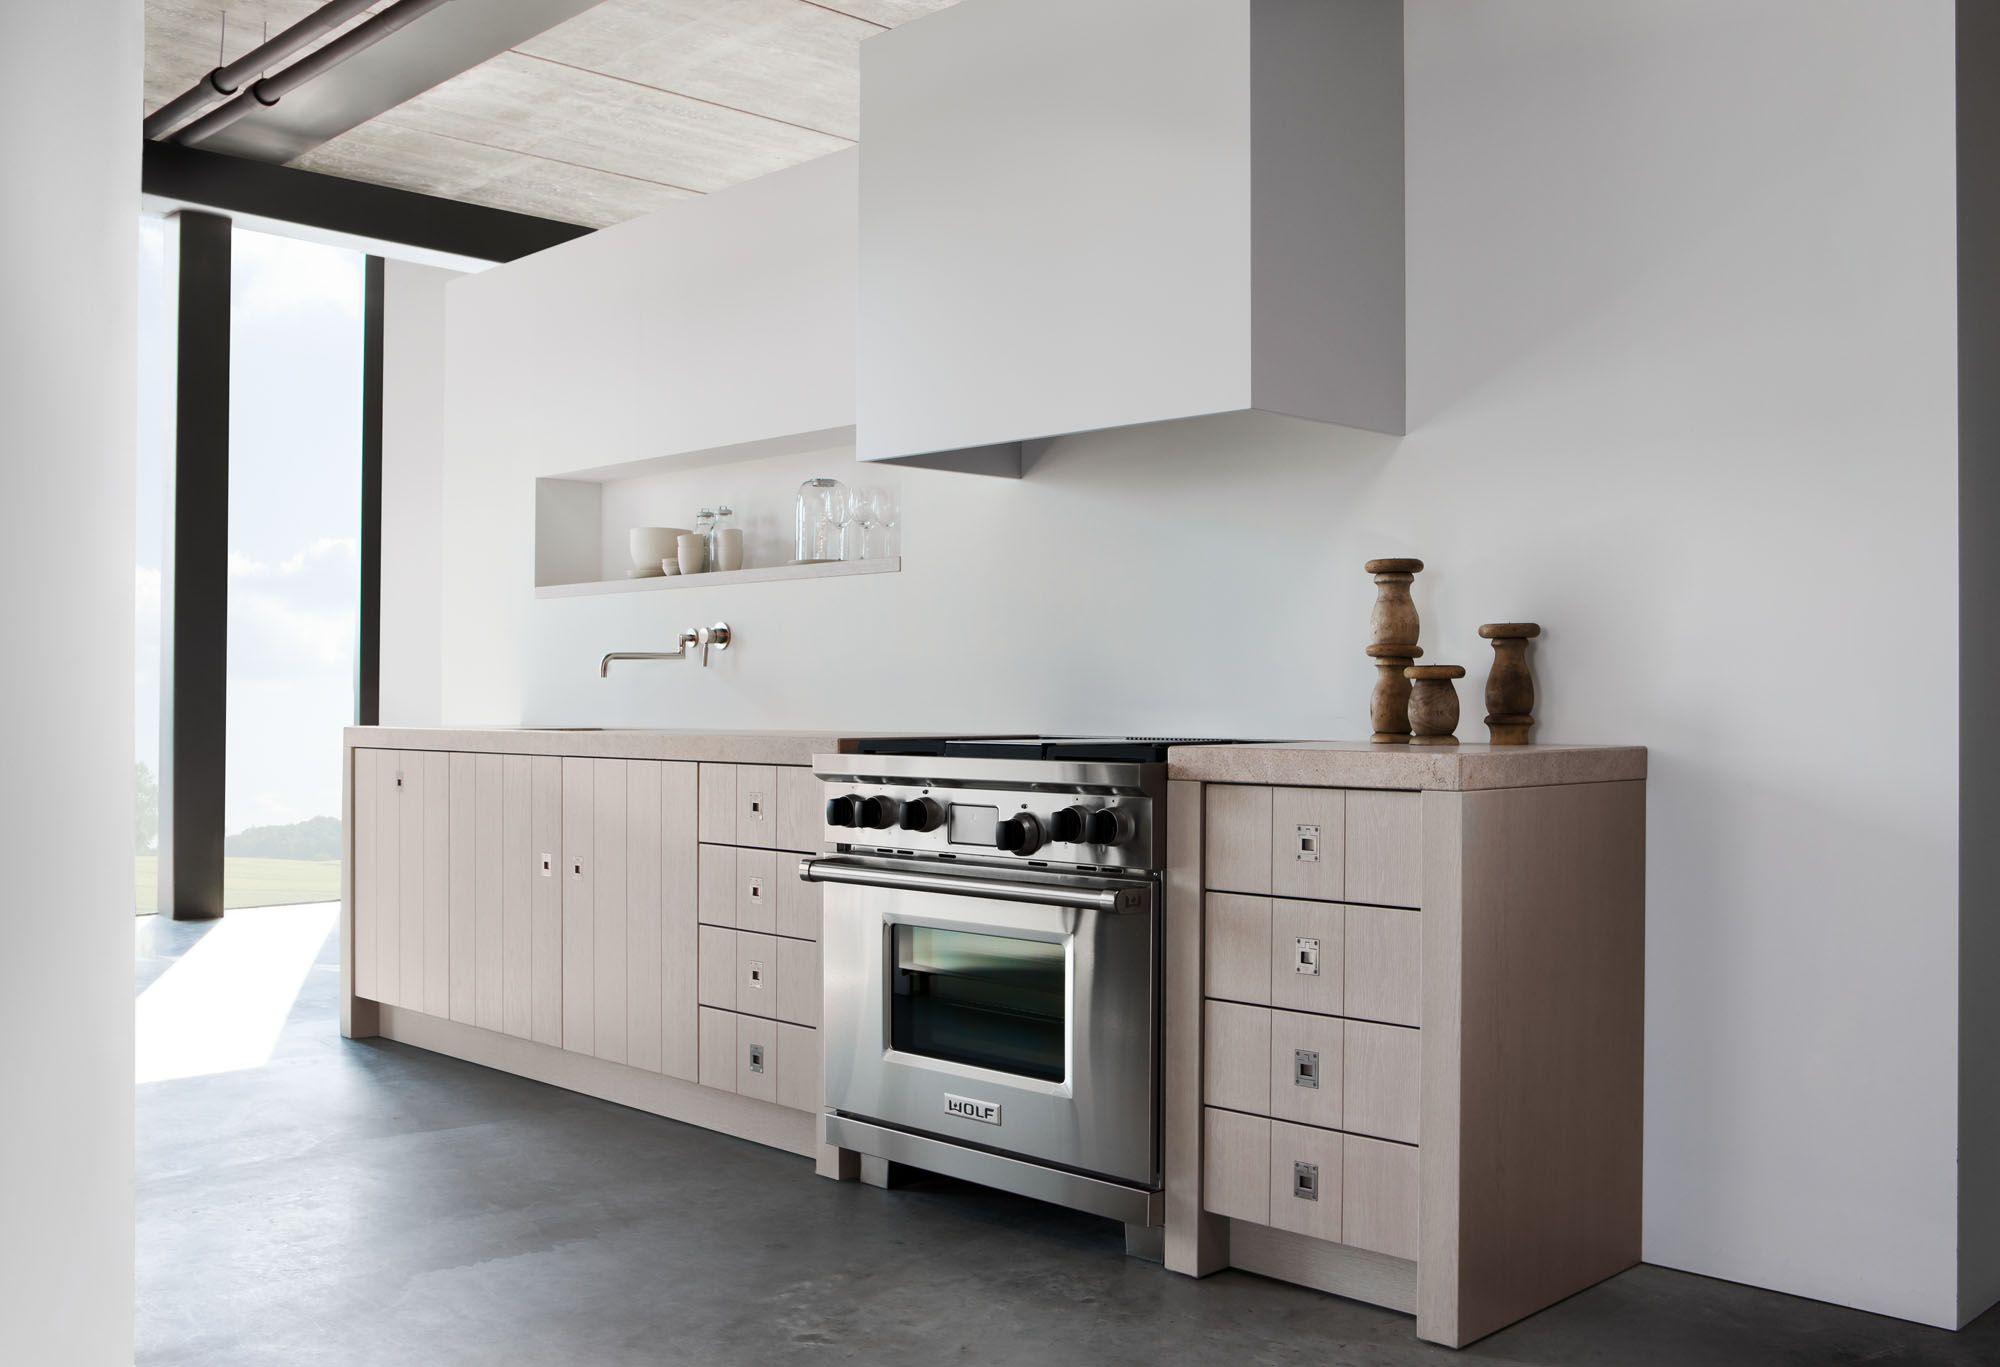 Rechte Keuken 3 Meter : Warendorf Kitchens by Piet Boon